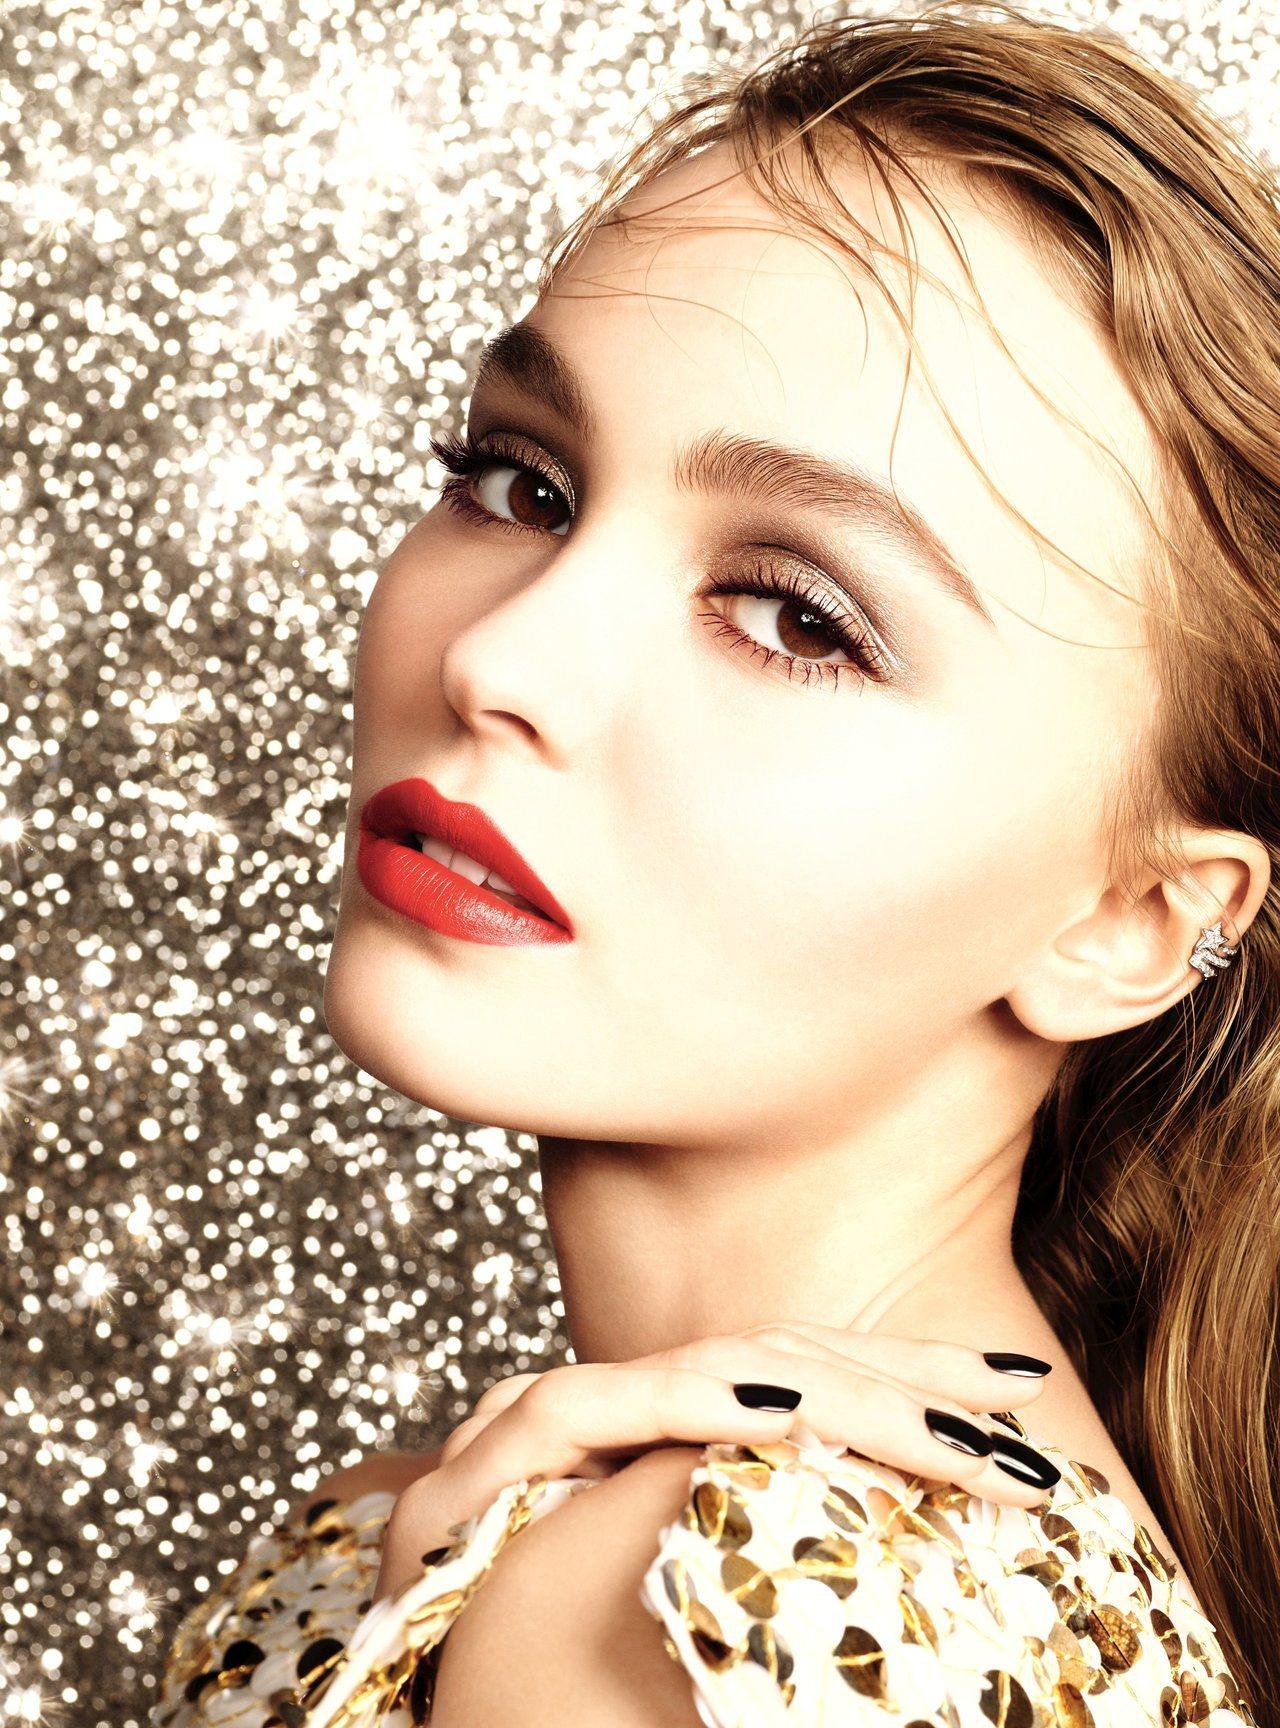 香奈兒推出限量耶誕彩妝,從包裝和選色都散發濃濃女人味與佳節氛圍。圖/香奈兒提供